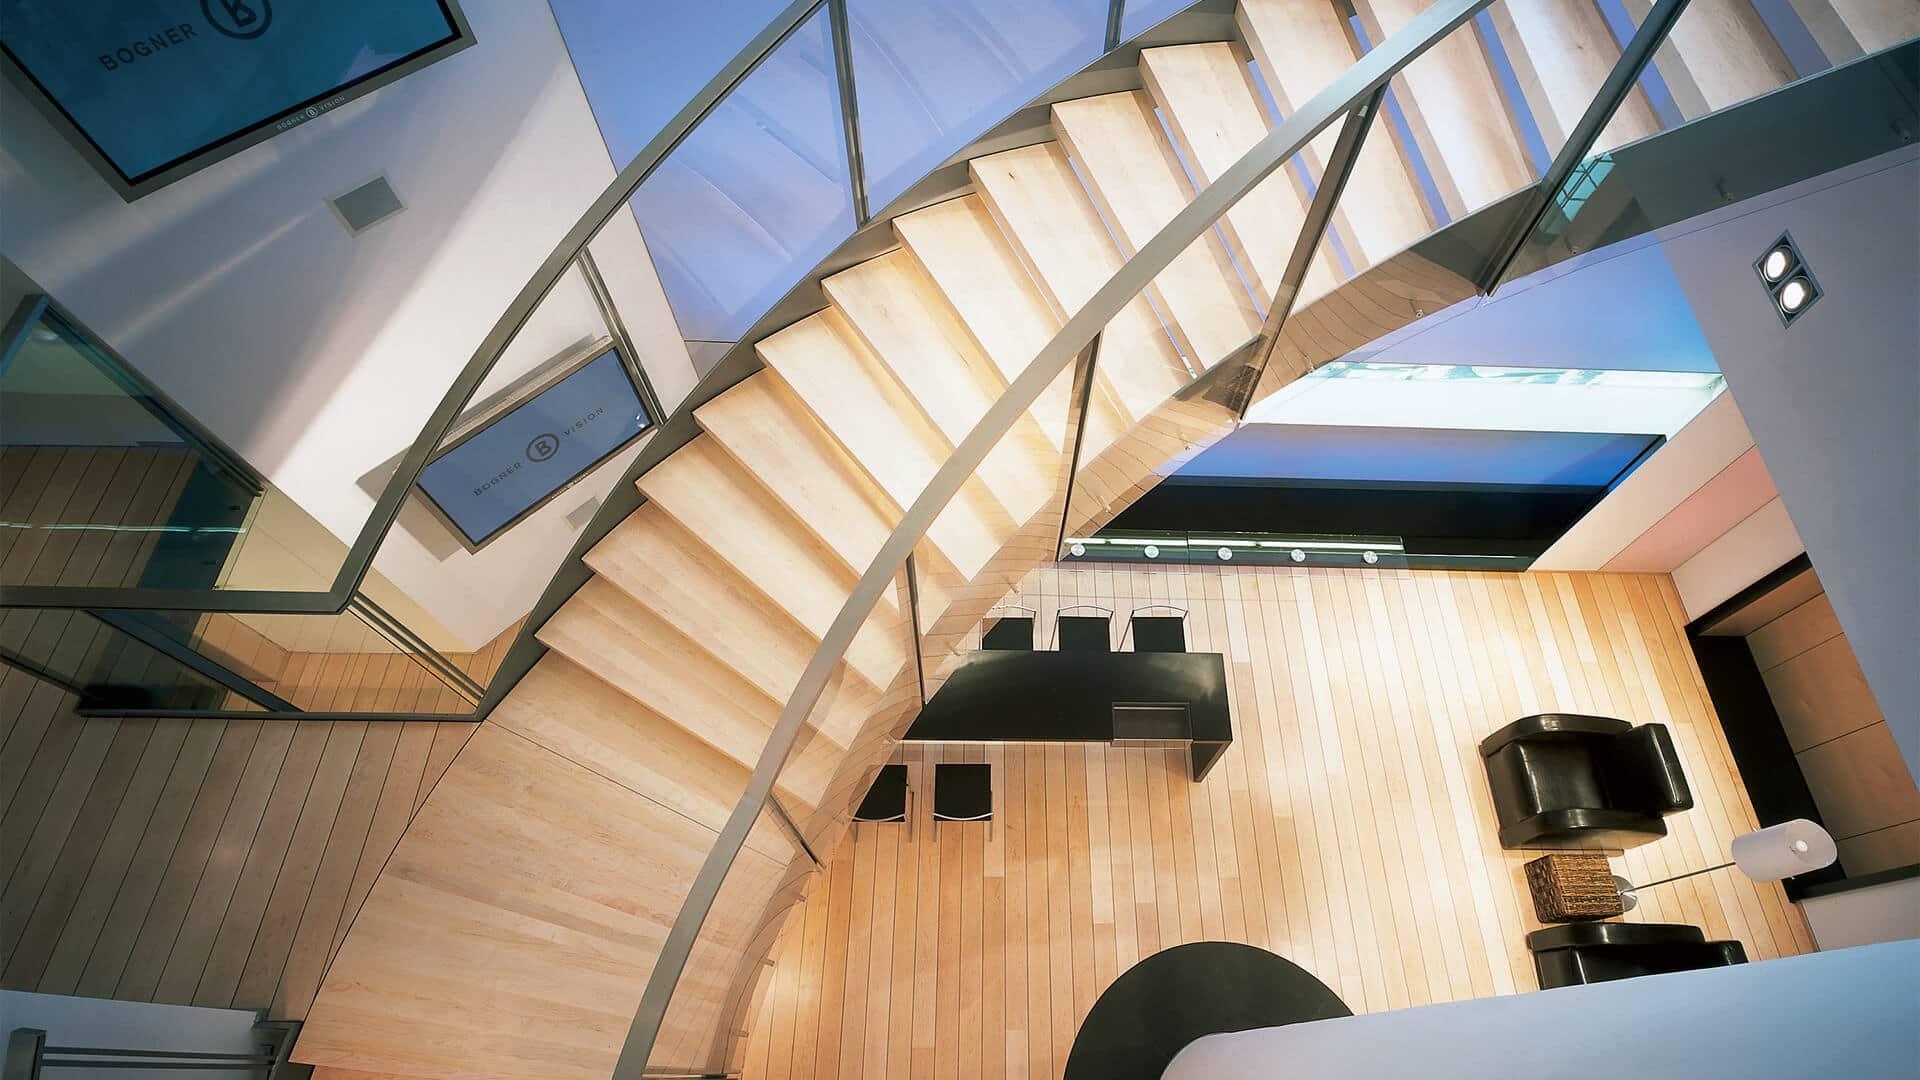 Innenarchitektur Nc innenarchitektur nc münchen dogmatise info